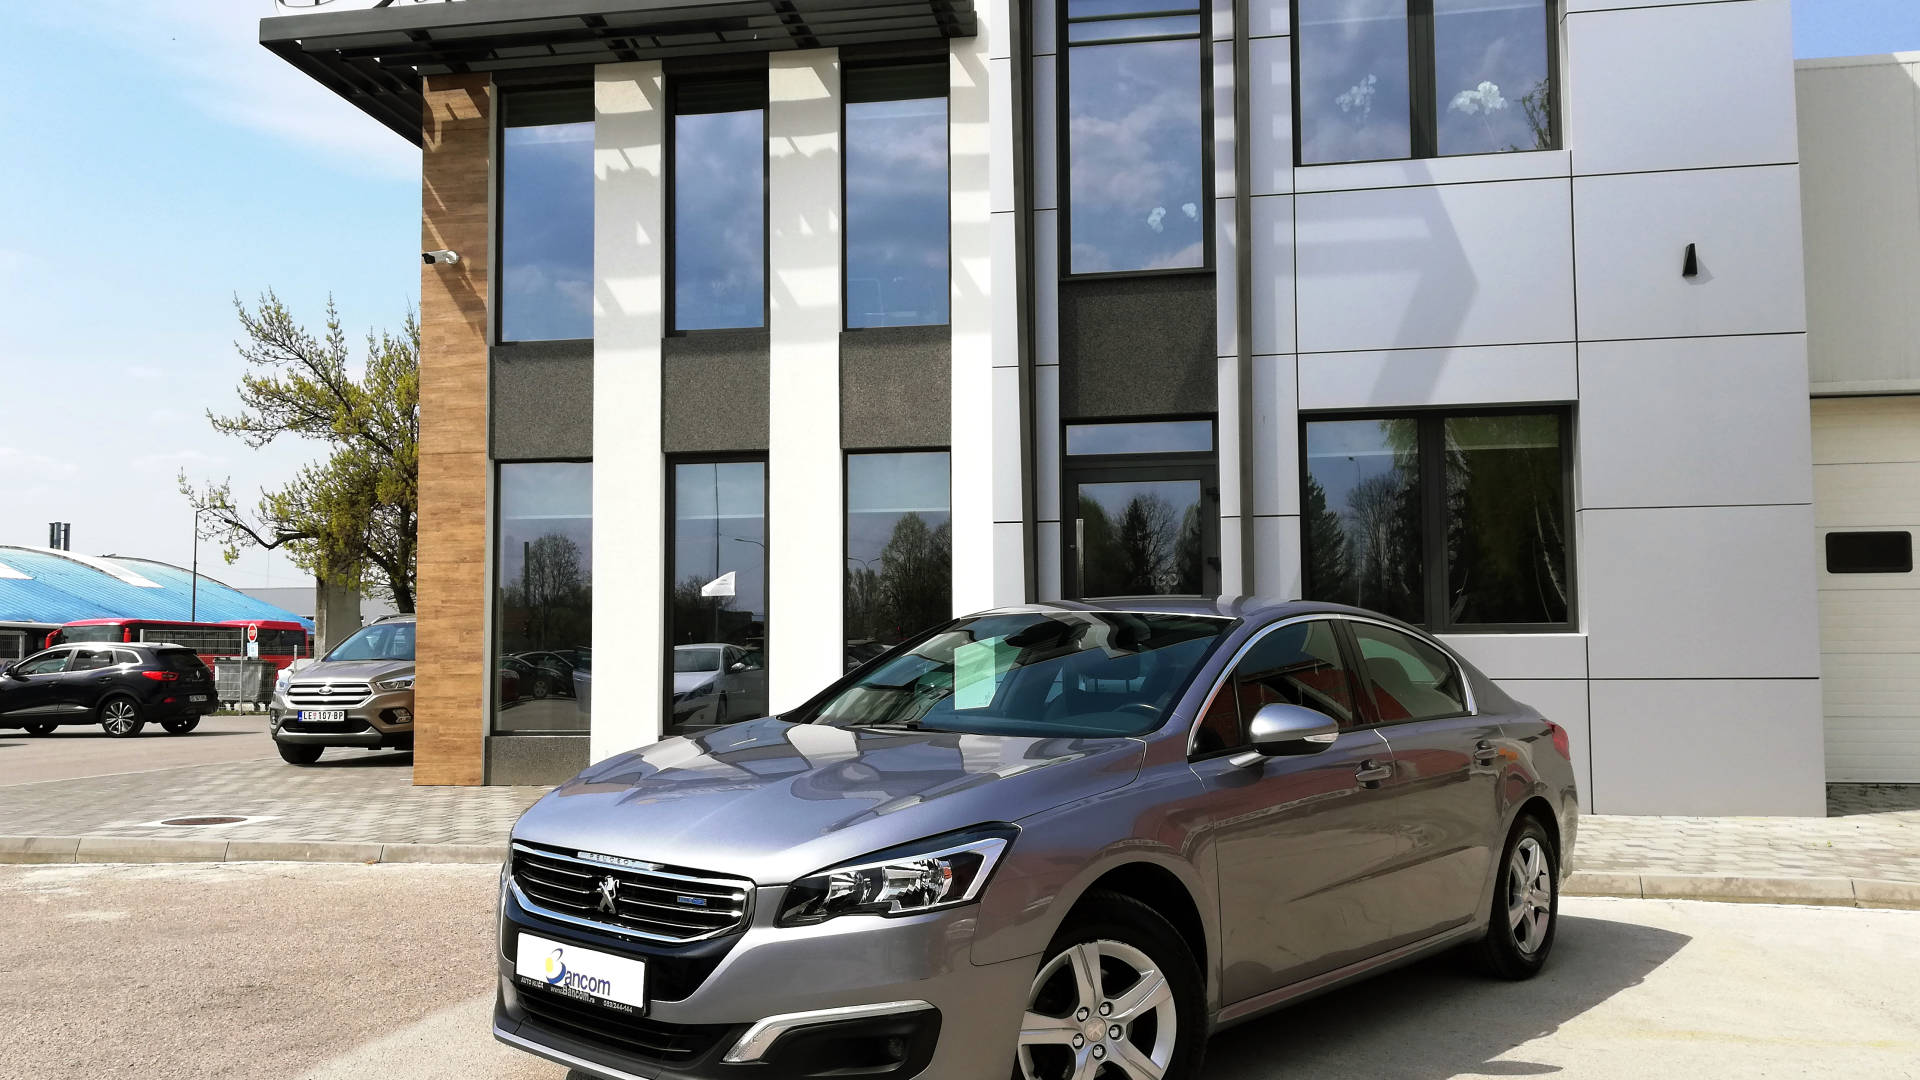 Fotografija za 2057 Peugeot 508 1.6BlueHDI Business